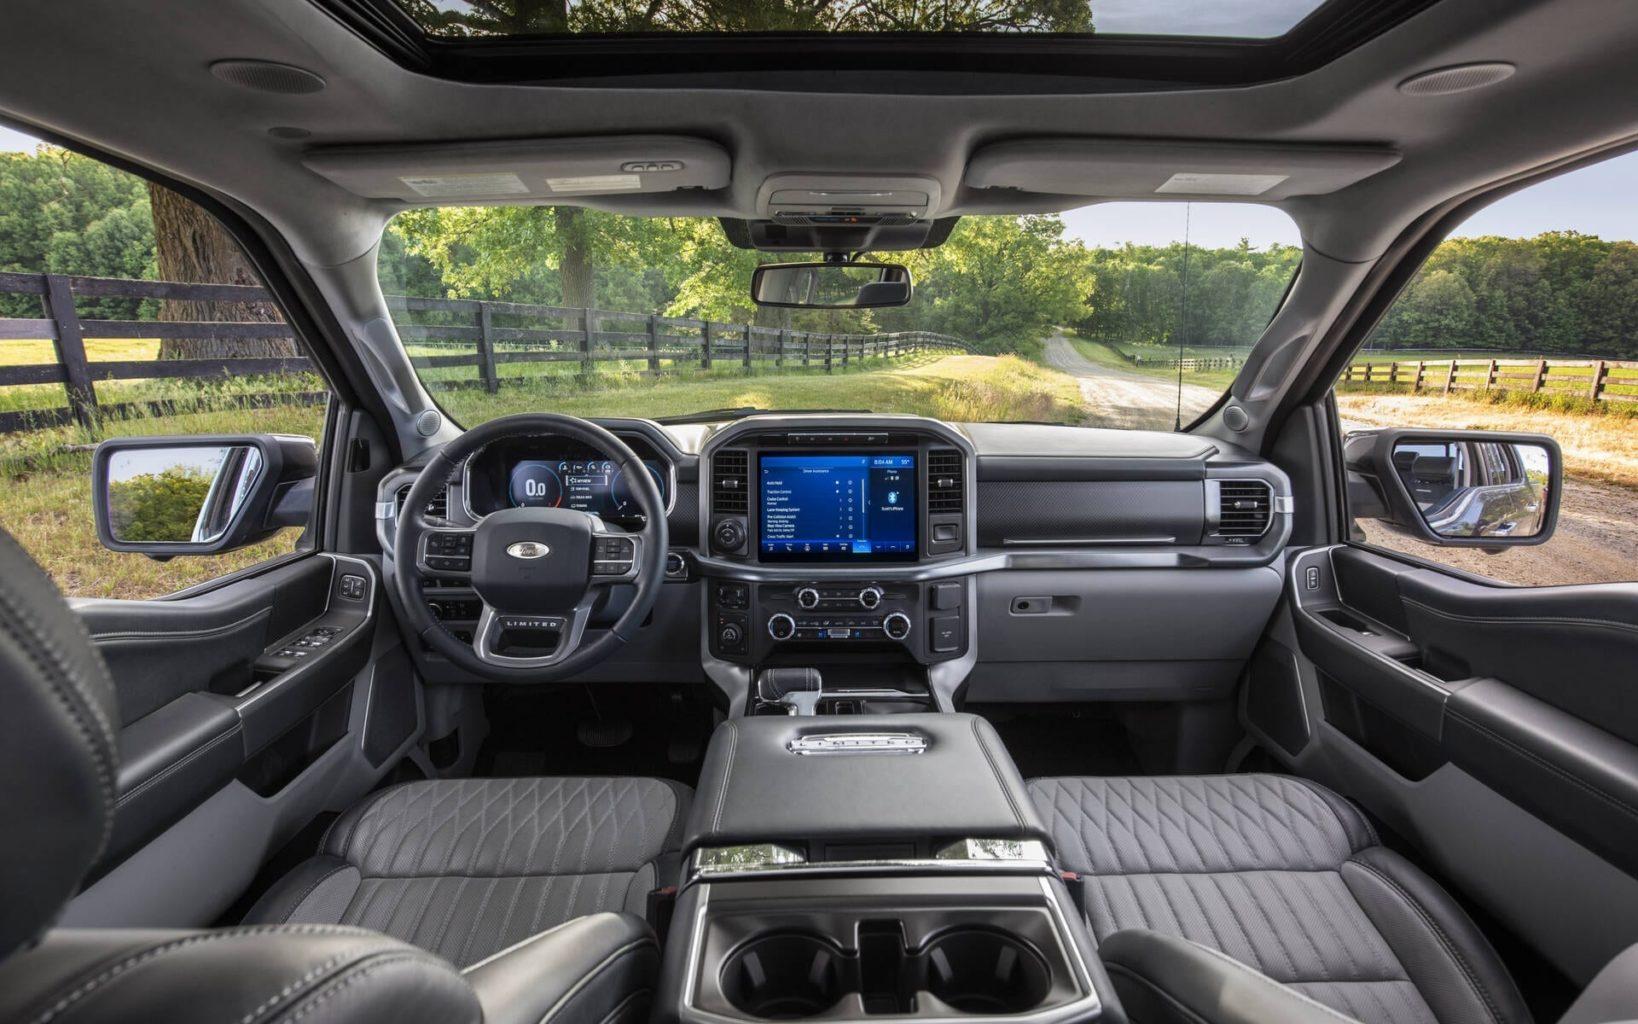 Ford F-150 intérieur